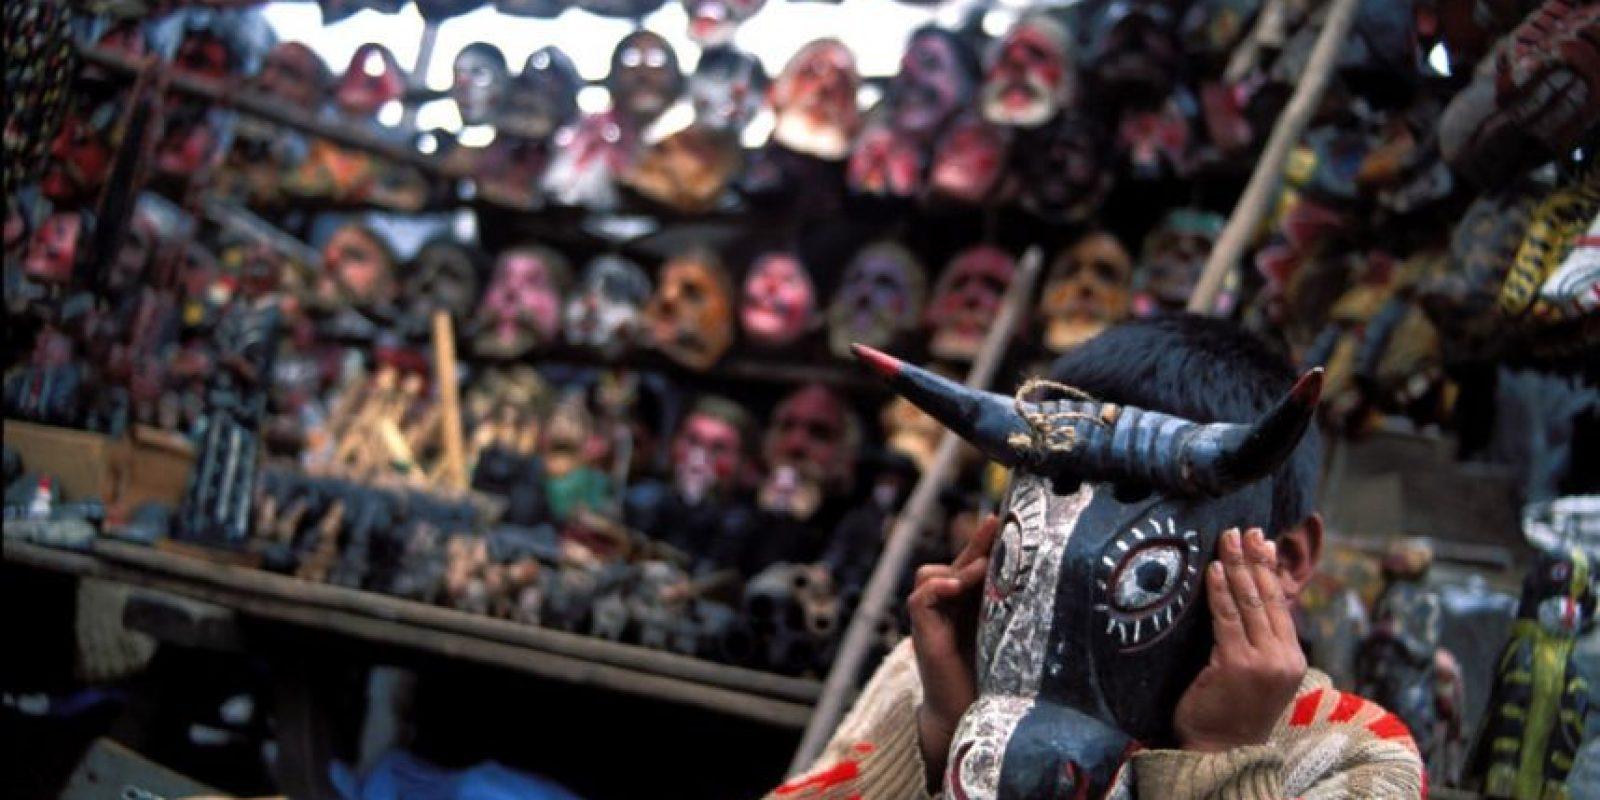 O las máscaras hechas a mano. Foto:http://www.buzzfeed.com